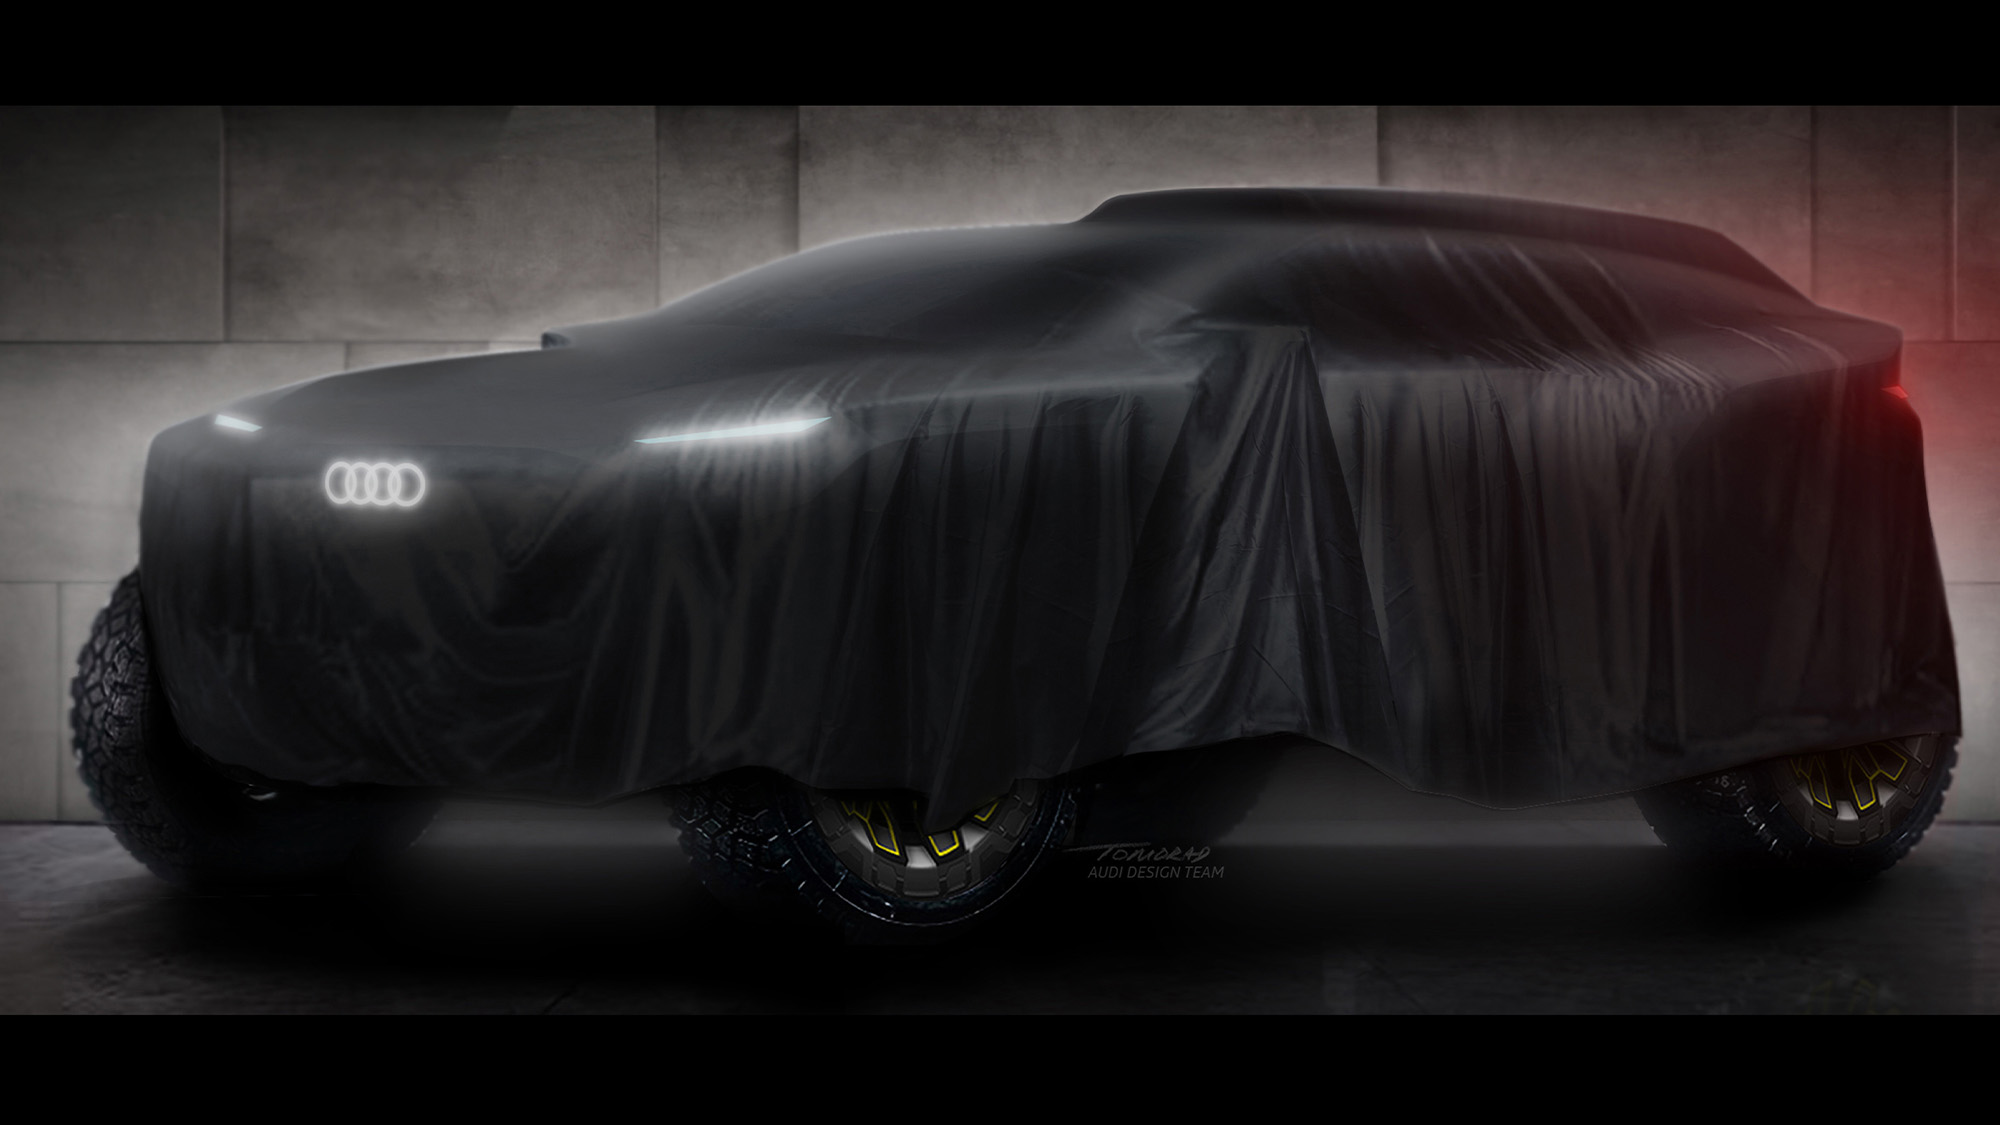 Audi Dakar 2022 concept